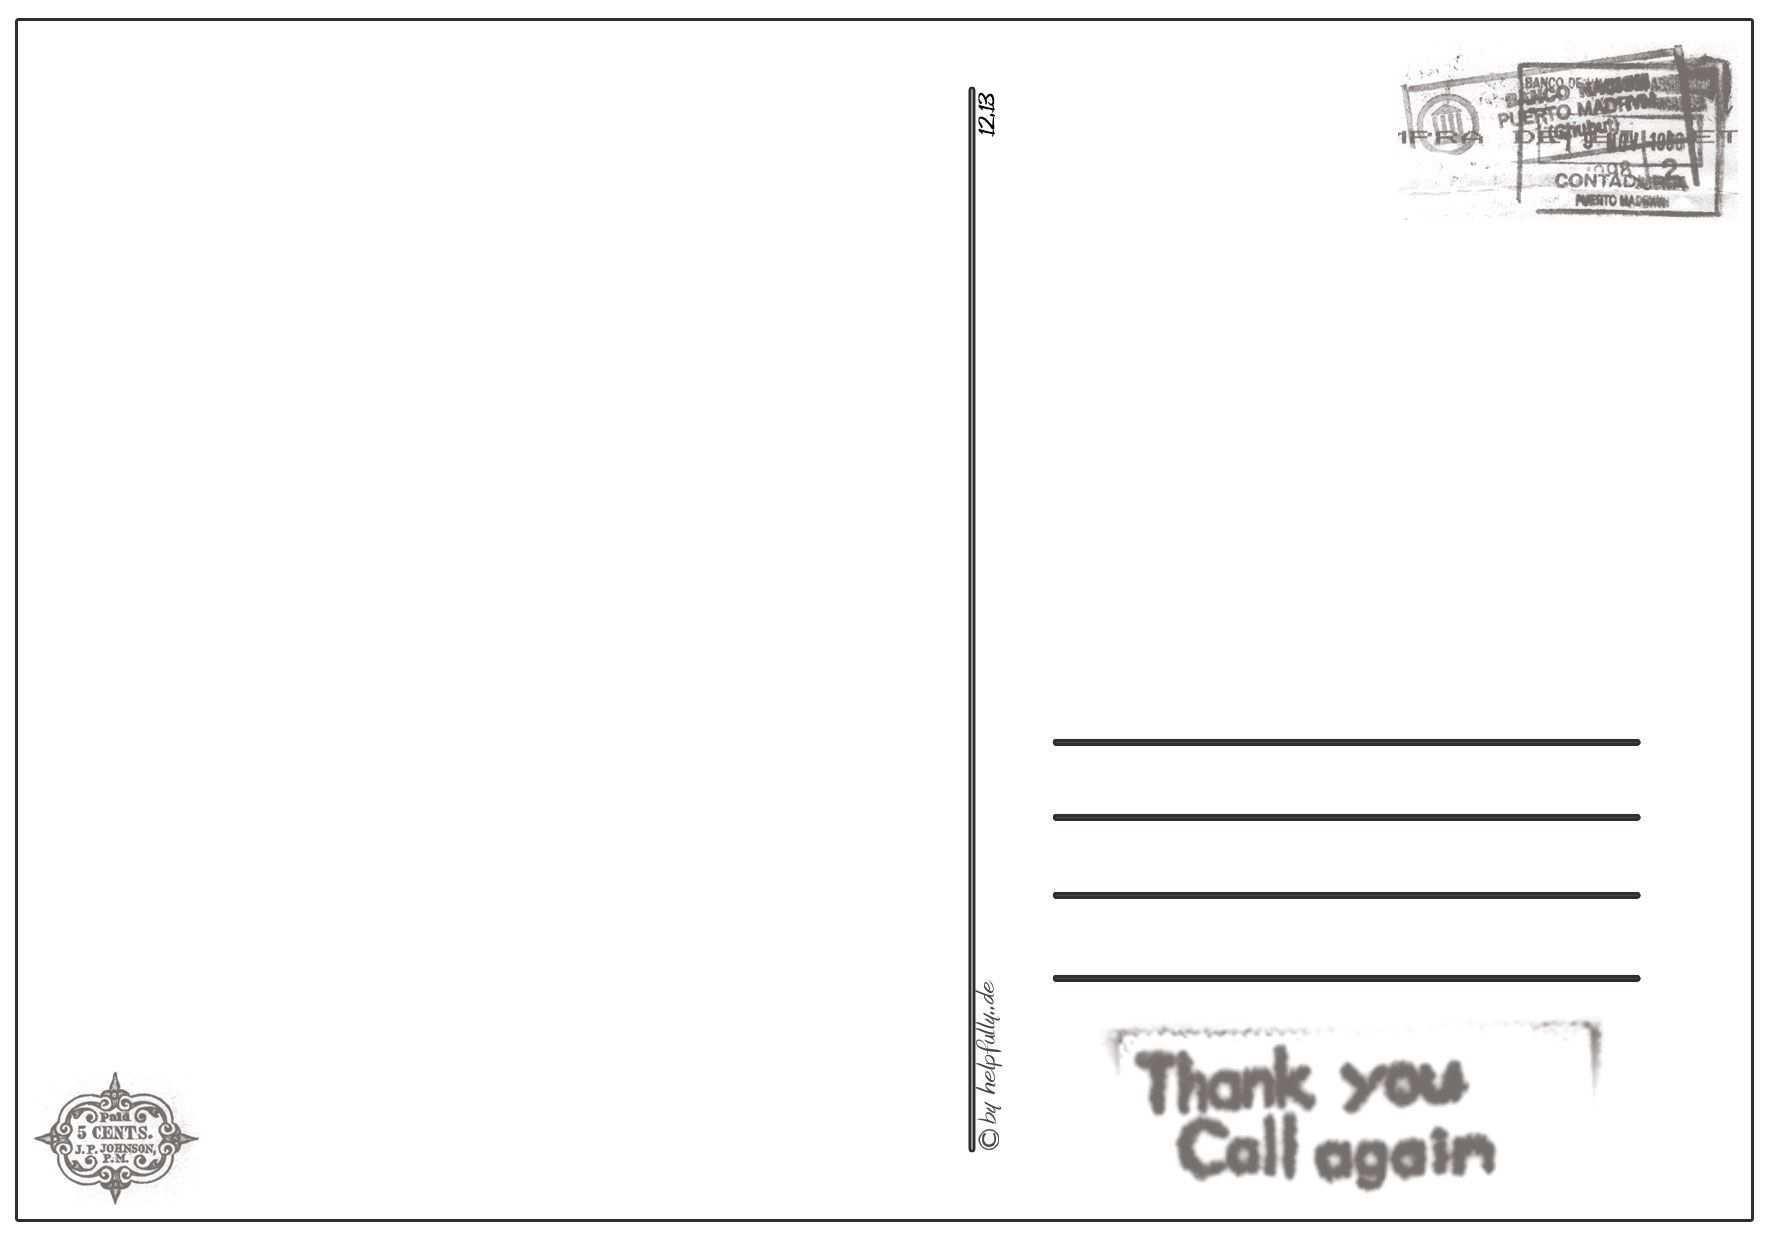 Papiervorlage Postkarte Thank You 3 In 2020 Postkarten Vorlagen Papier